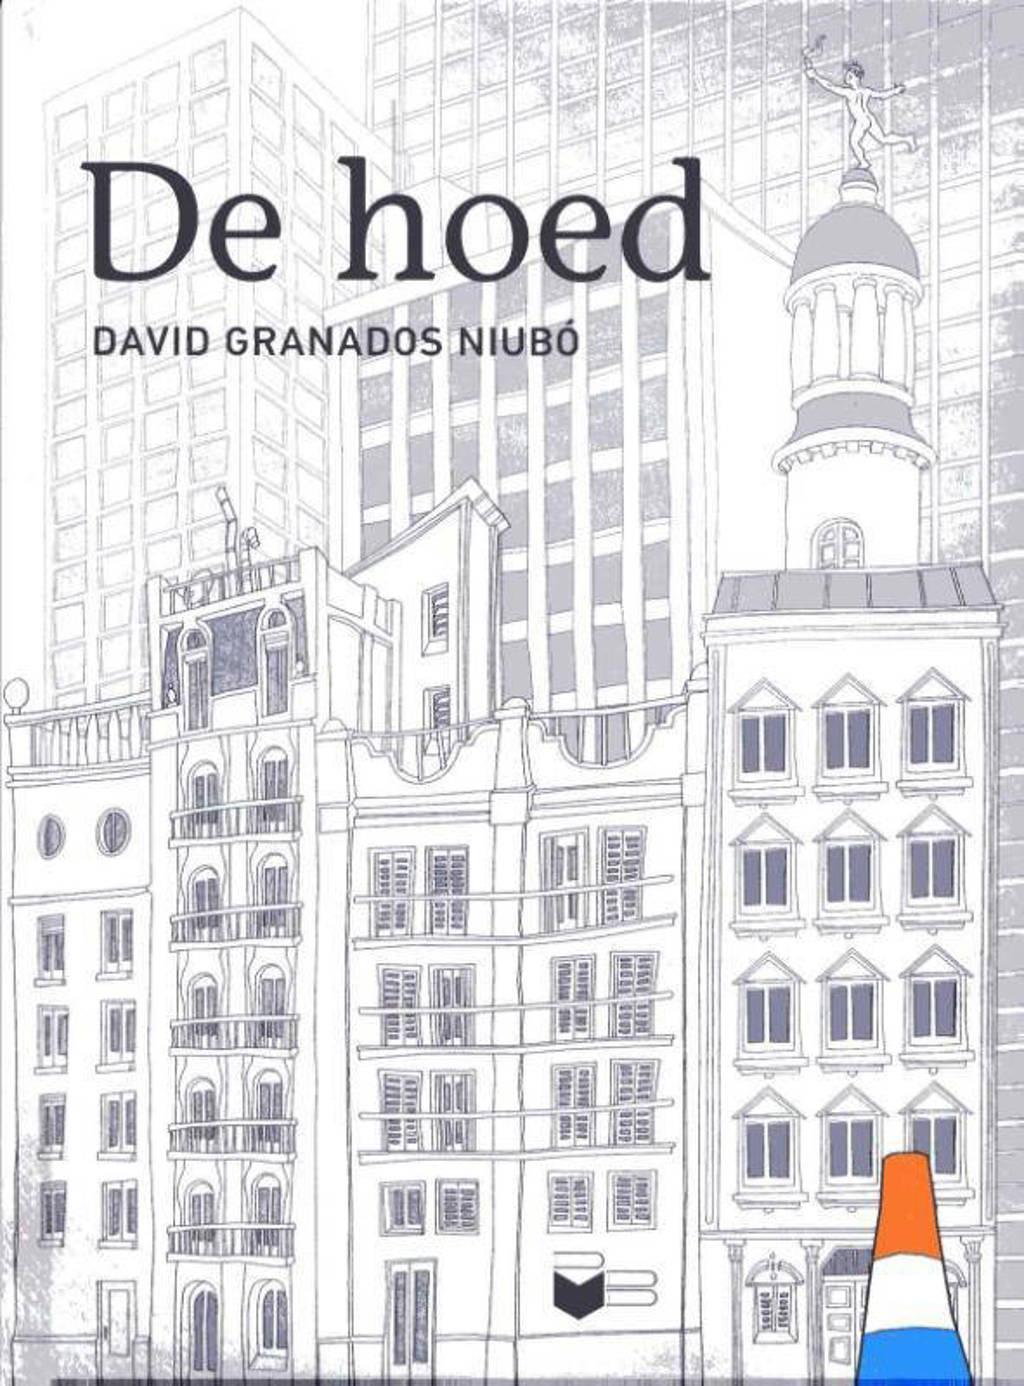 De hoed - David Granados Niubo